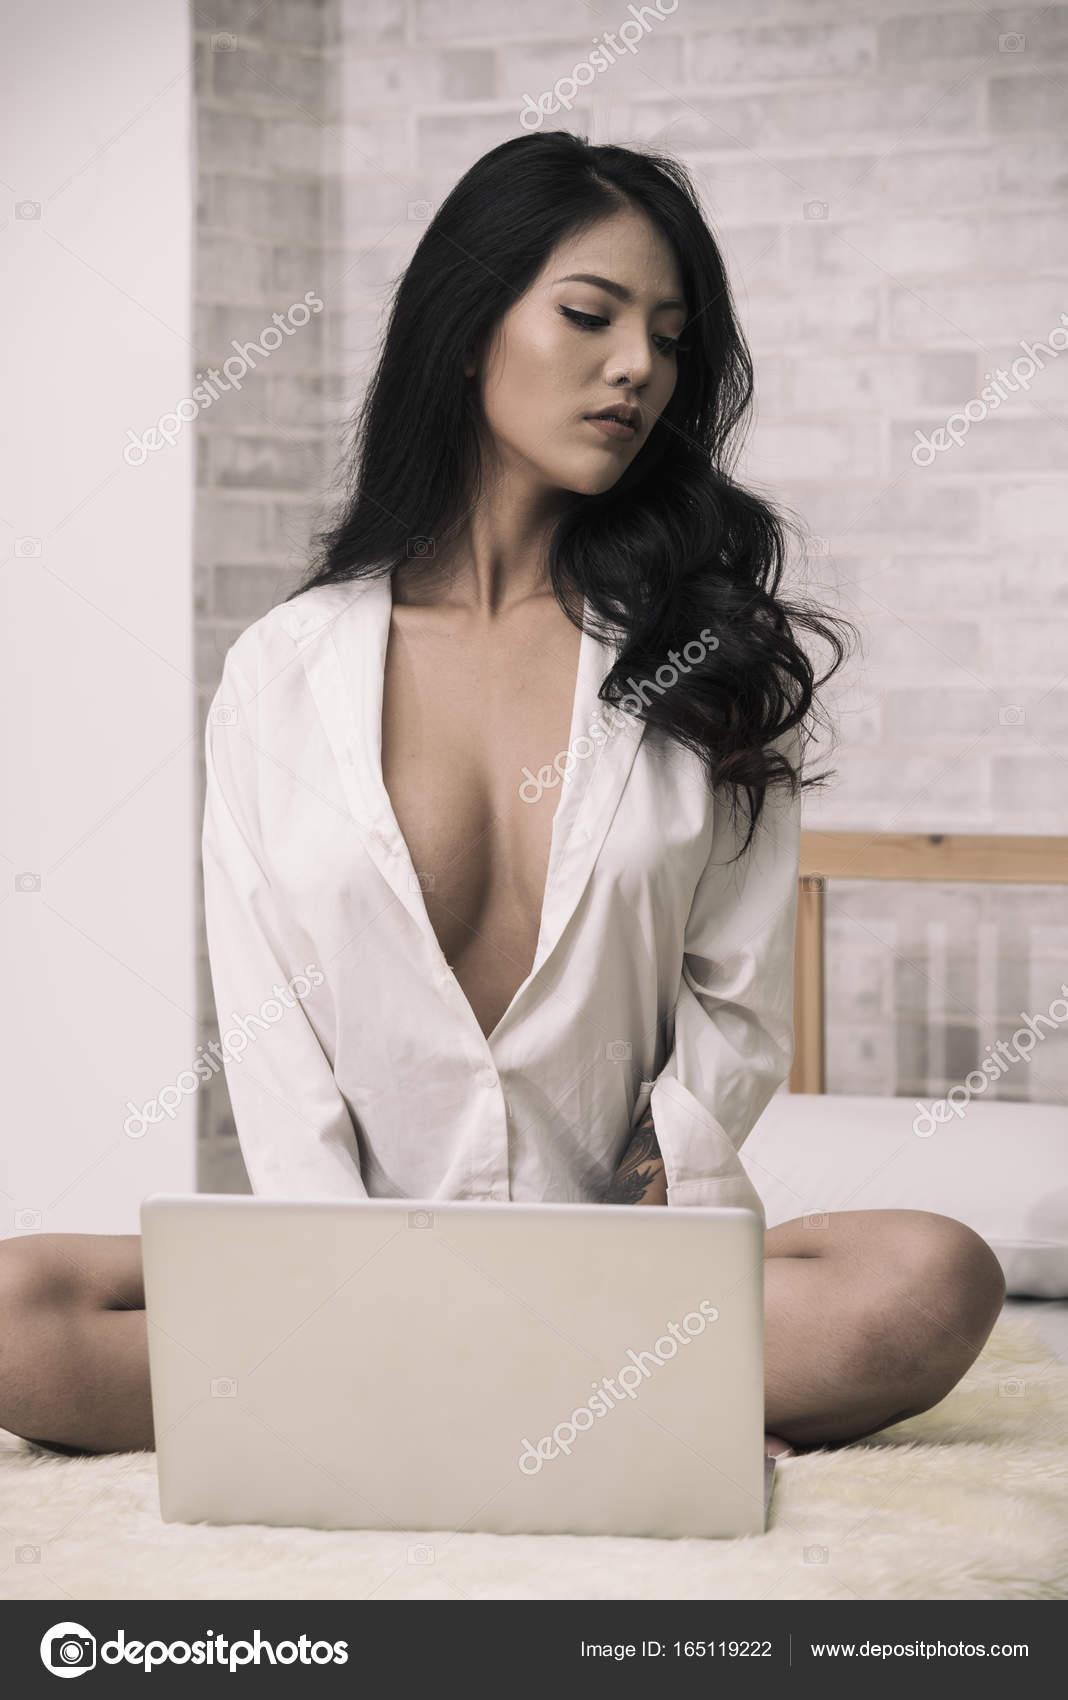 Sexy asianwomen